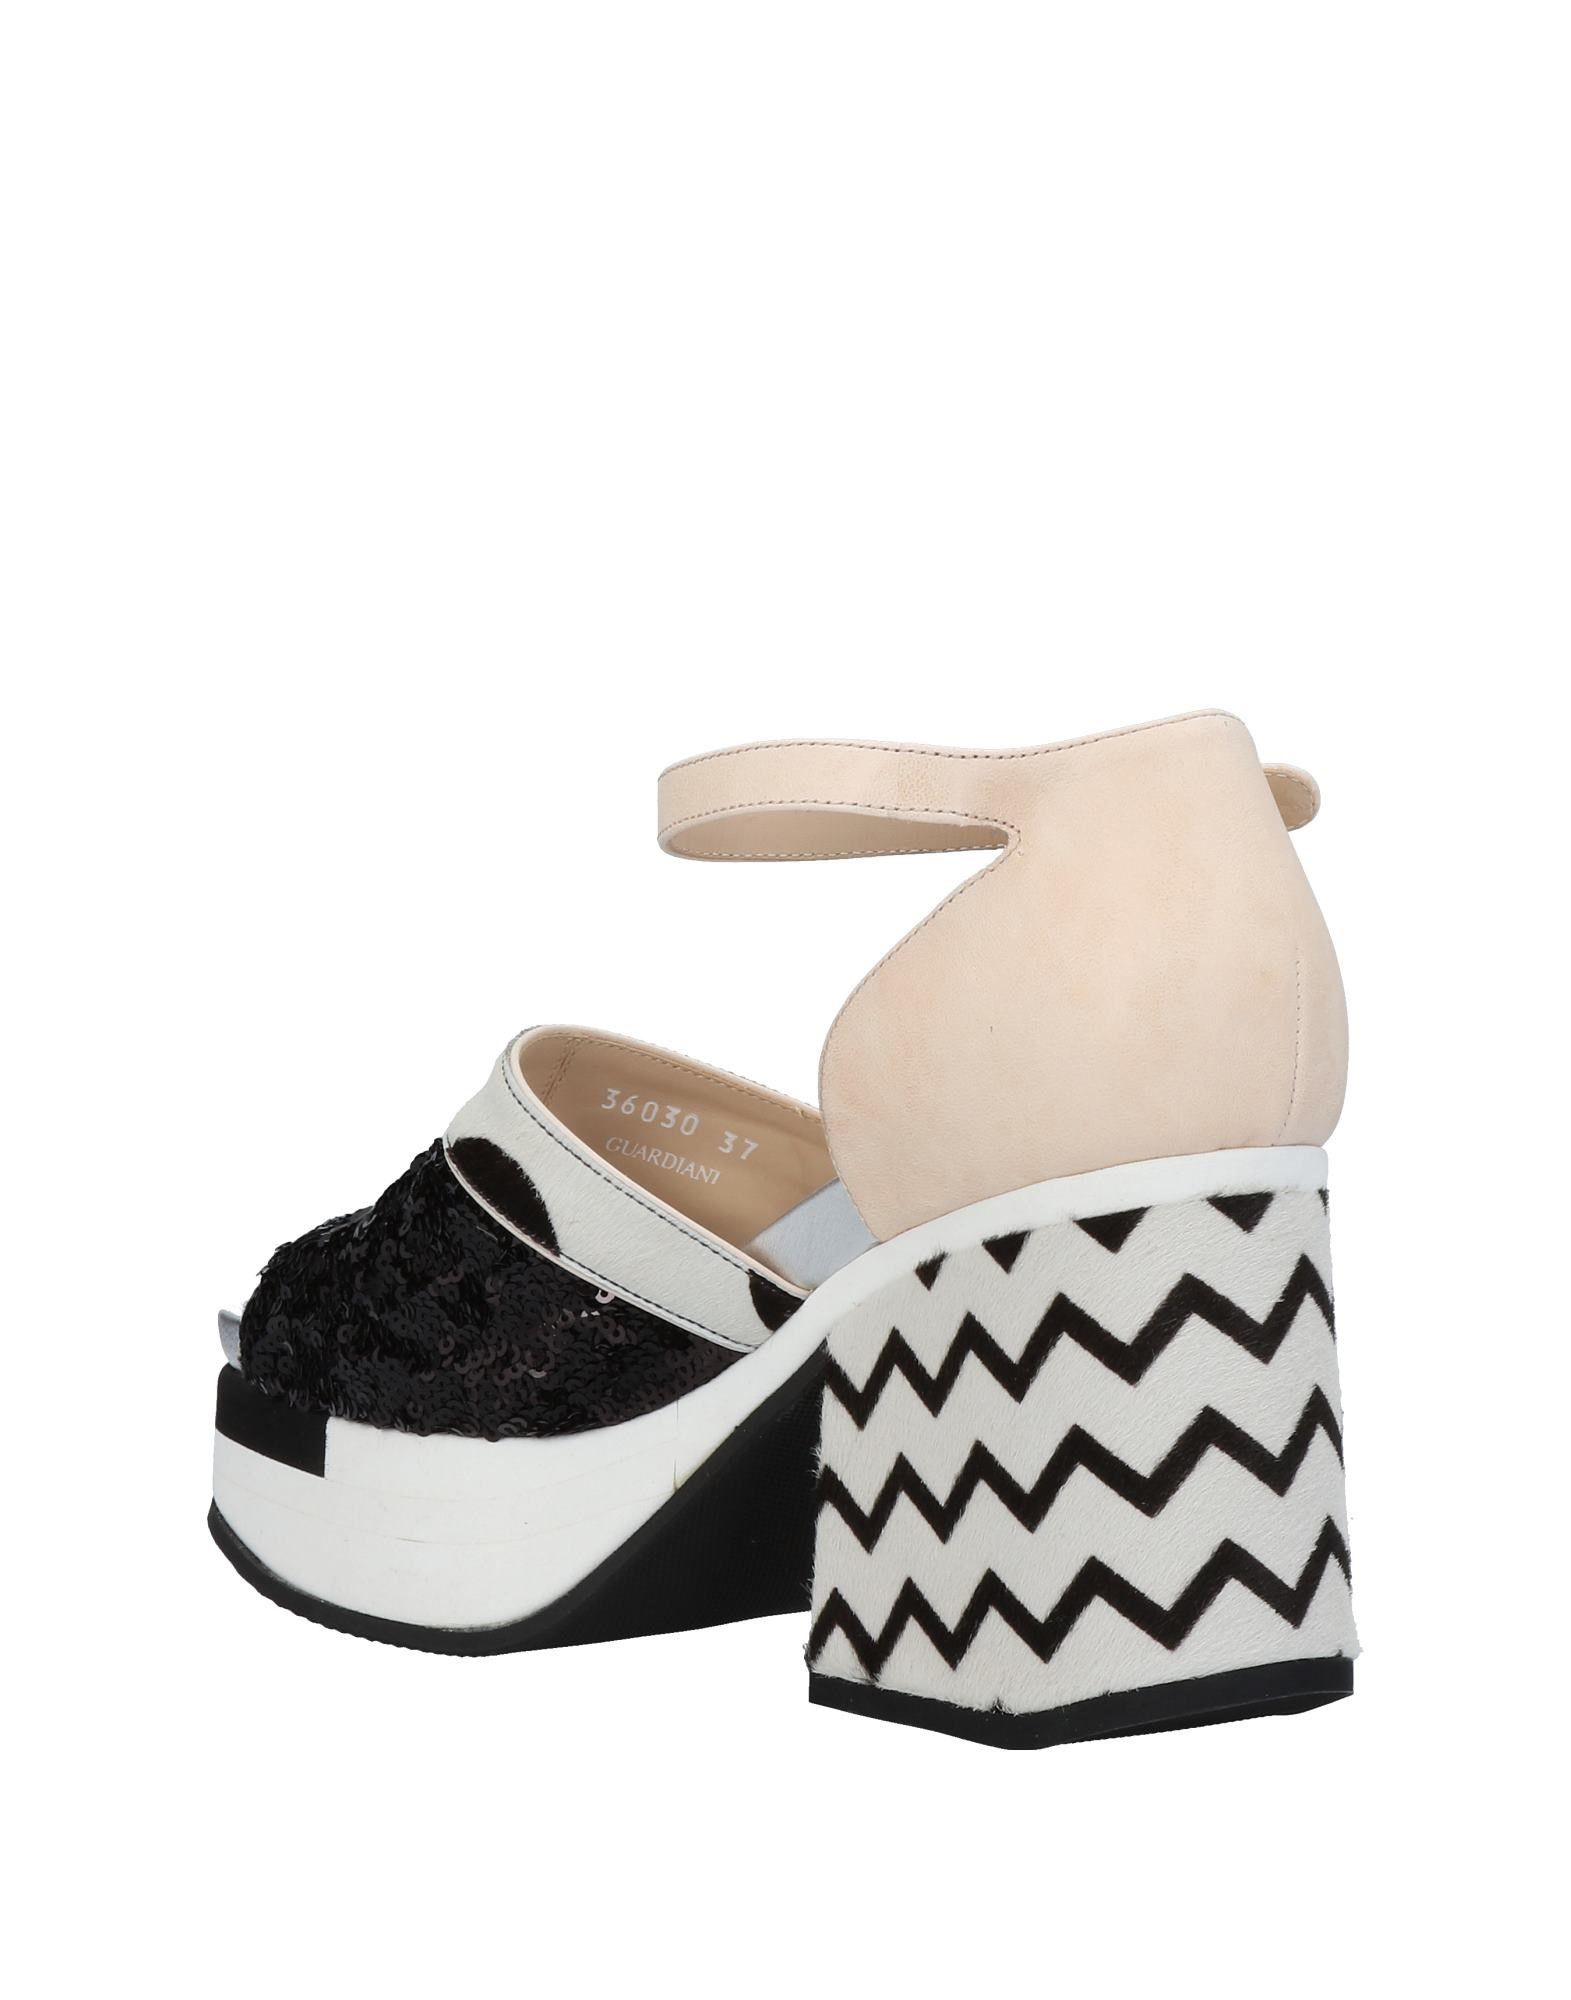 Alberto Guardiani Sandalen Schuhe Damen  11426248TP Neue Schuhe Sandalen a2900c